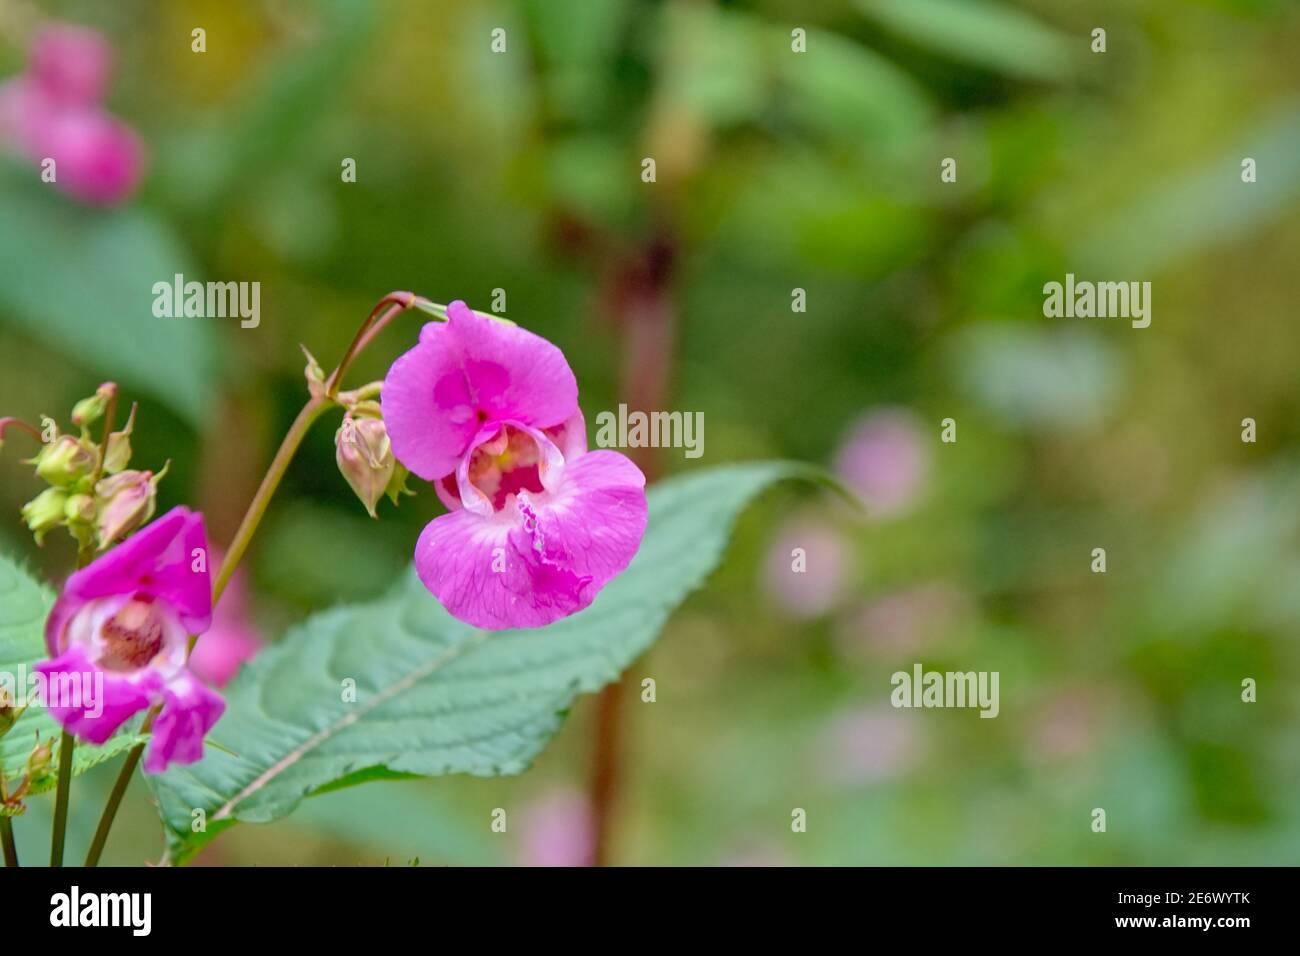 Rosa brillante Himalaya Balsam flor - Impatiens glandulifera Foto de stock